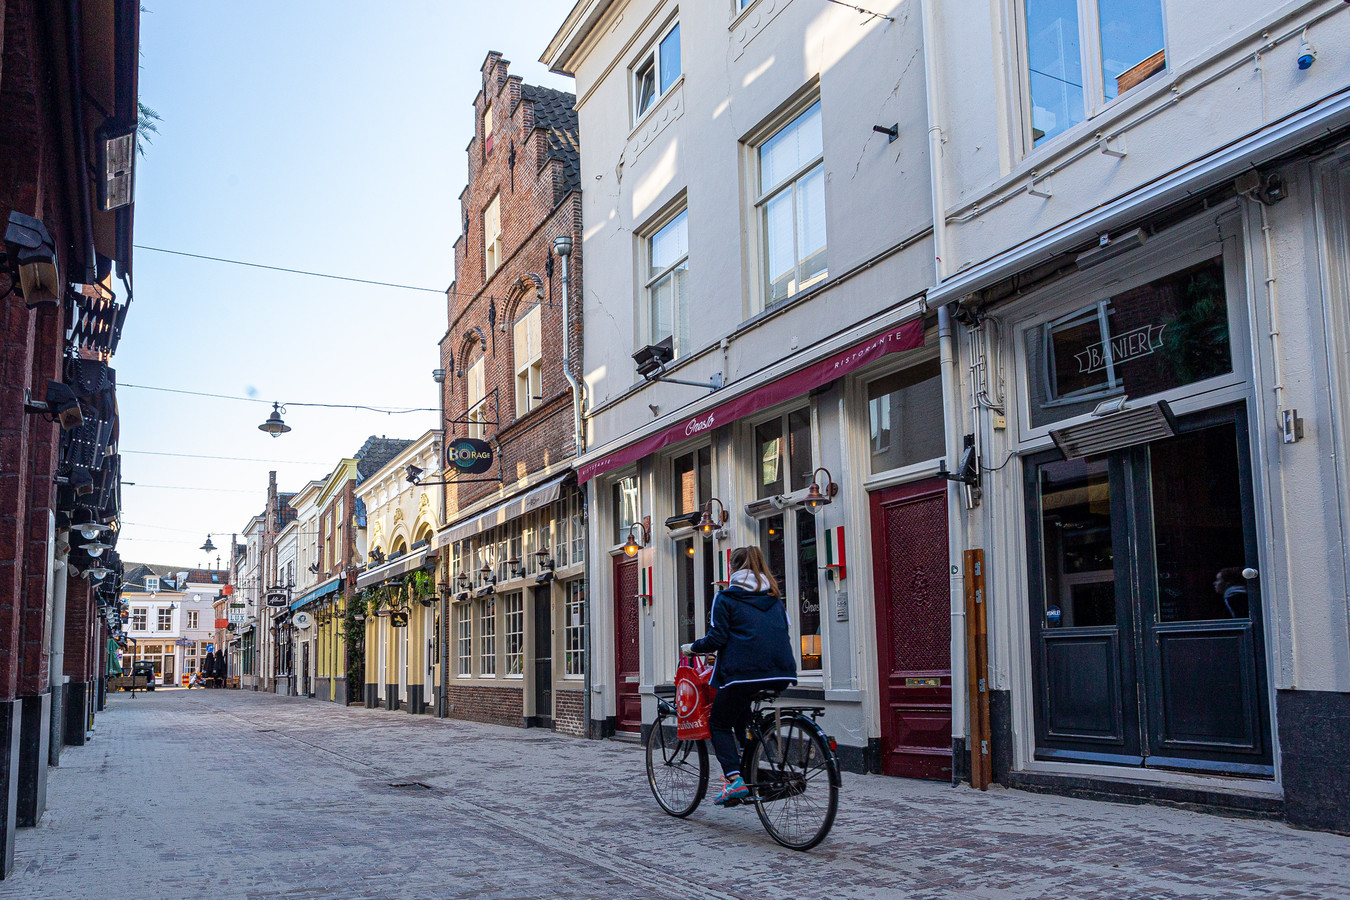 Het is rustig op straat in Den Bosch, zo ook in de normaal zo drukke Korte Putstraat.